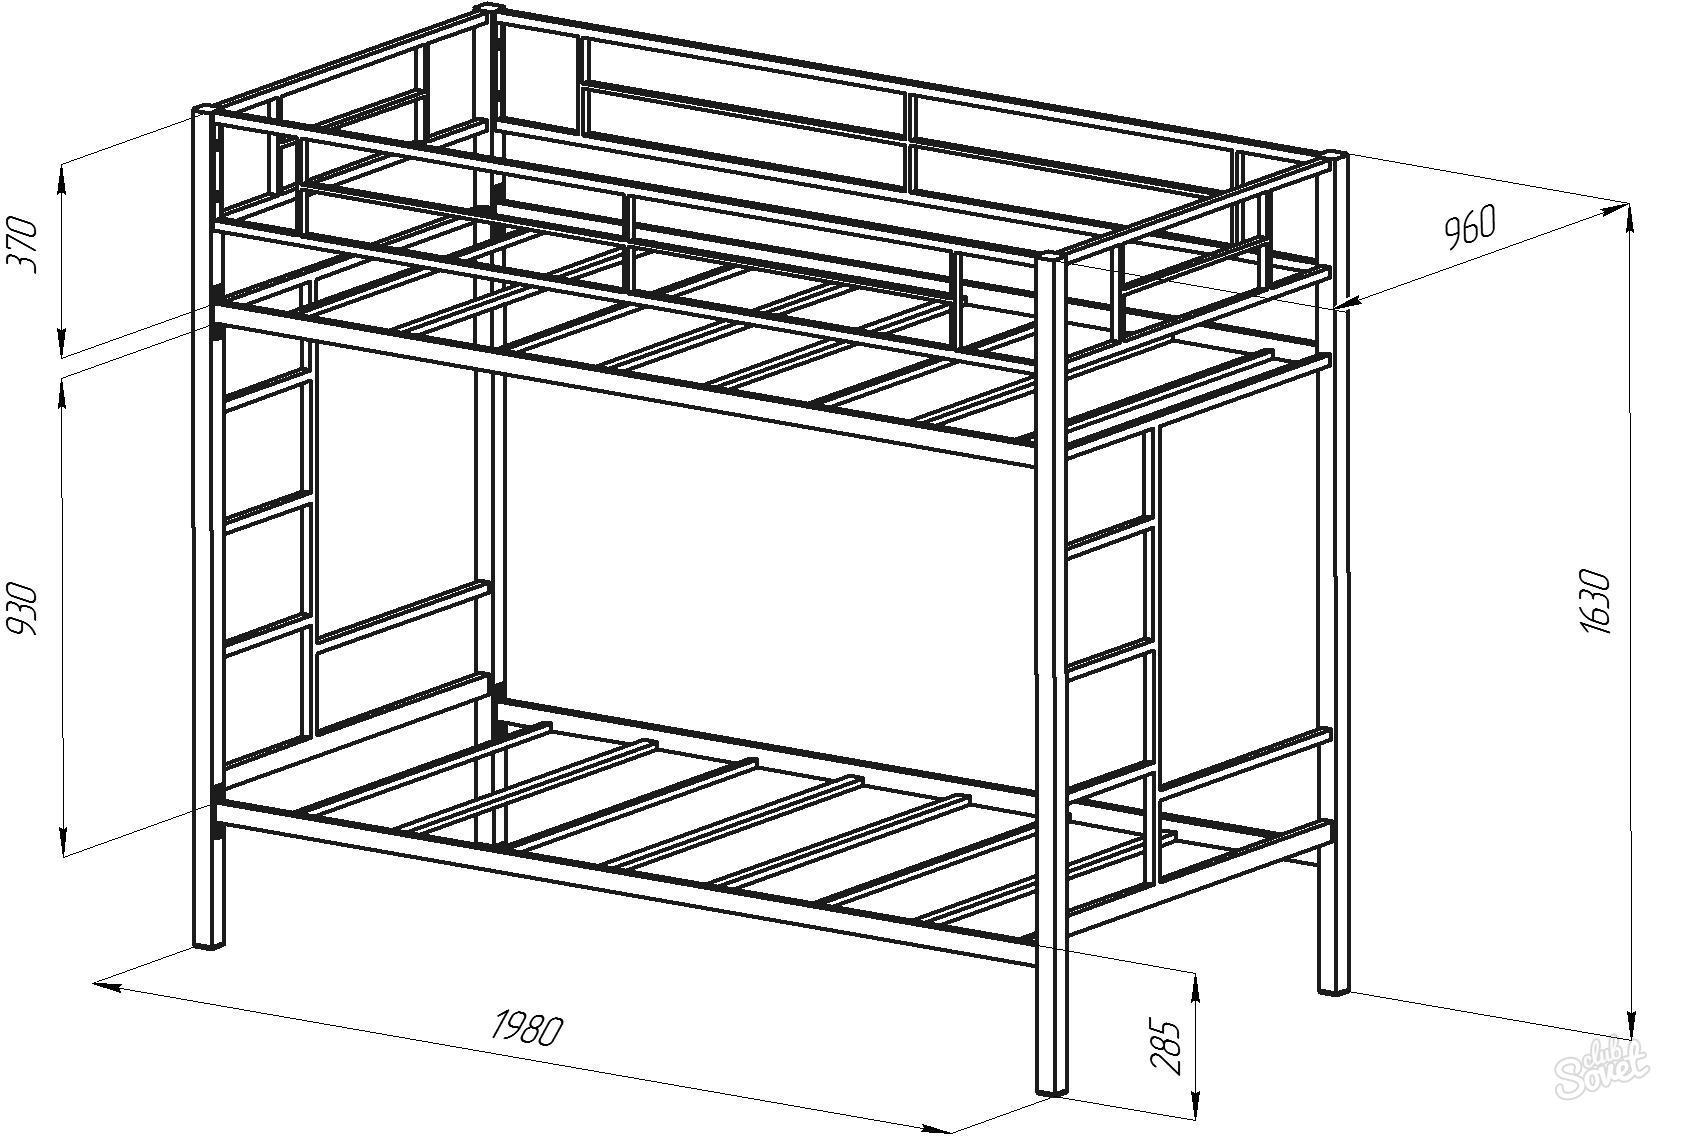 Двухъярусная кровать из профильной трубы своими руками чертежи 66